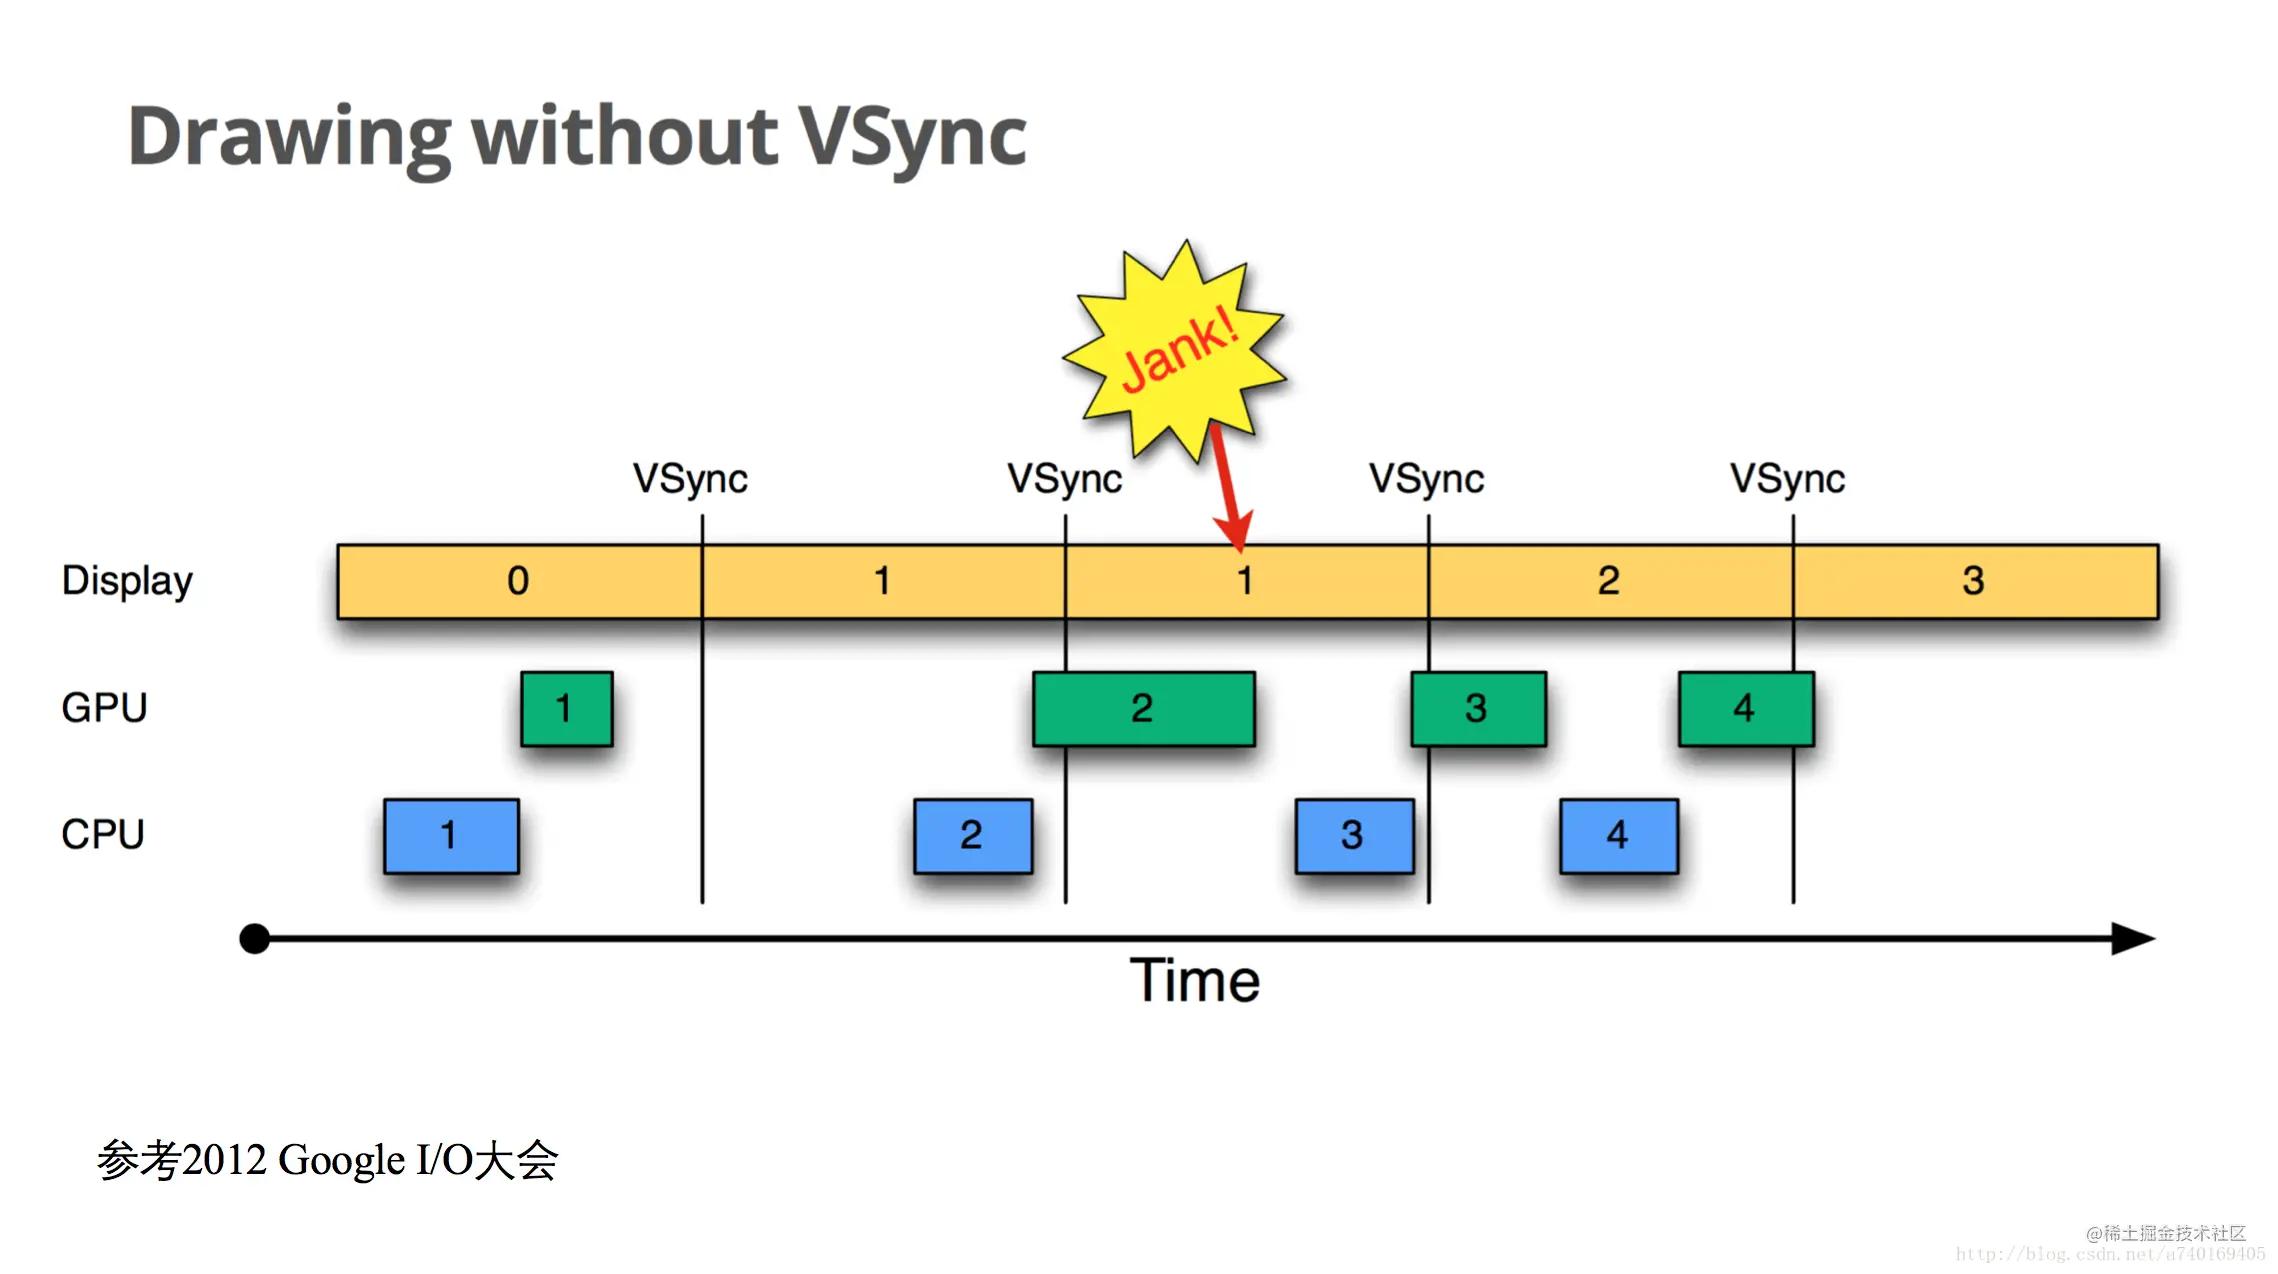 没有VSYNC